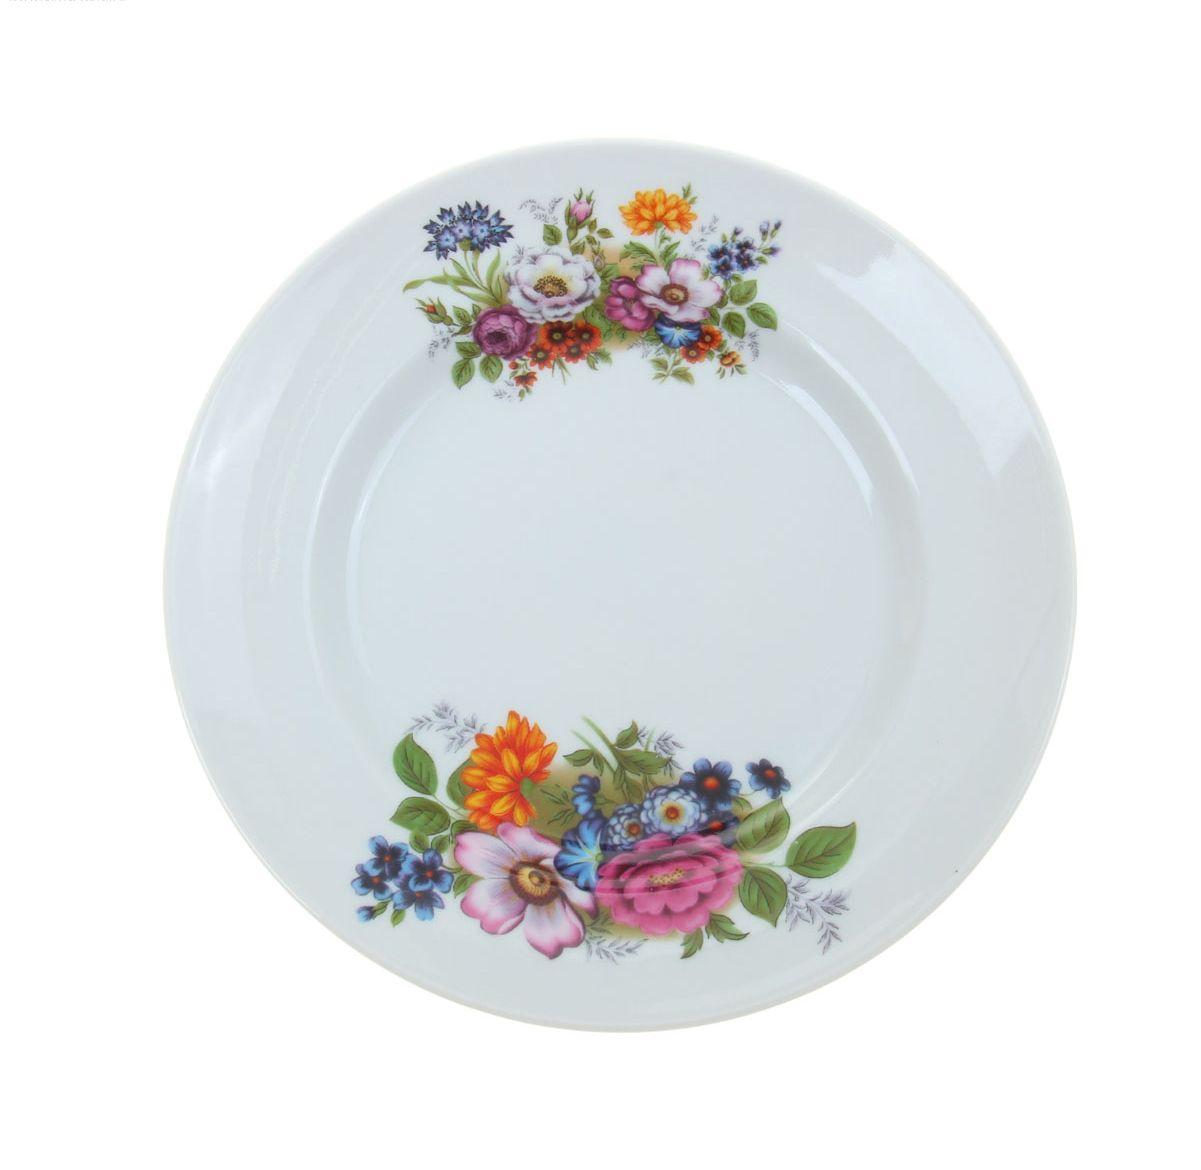 Тарелка мелкая Идиллия. Букет цветов, диаметр 20 см тарелка мелкая идиллия ромашка диаметр 20 см 5с0189